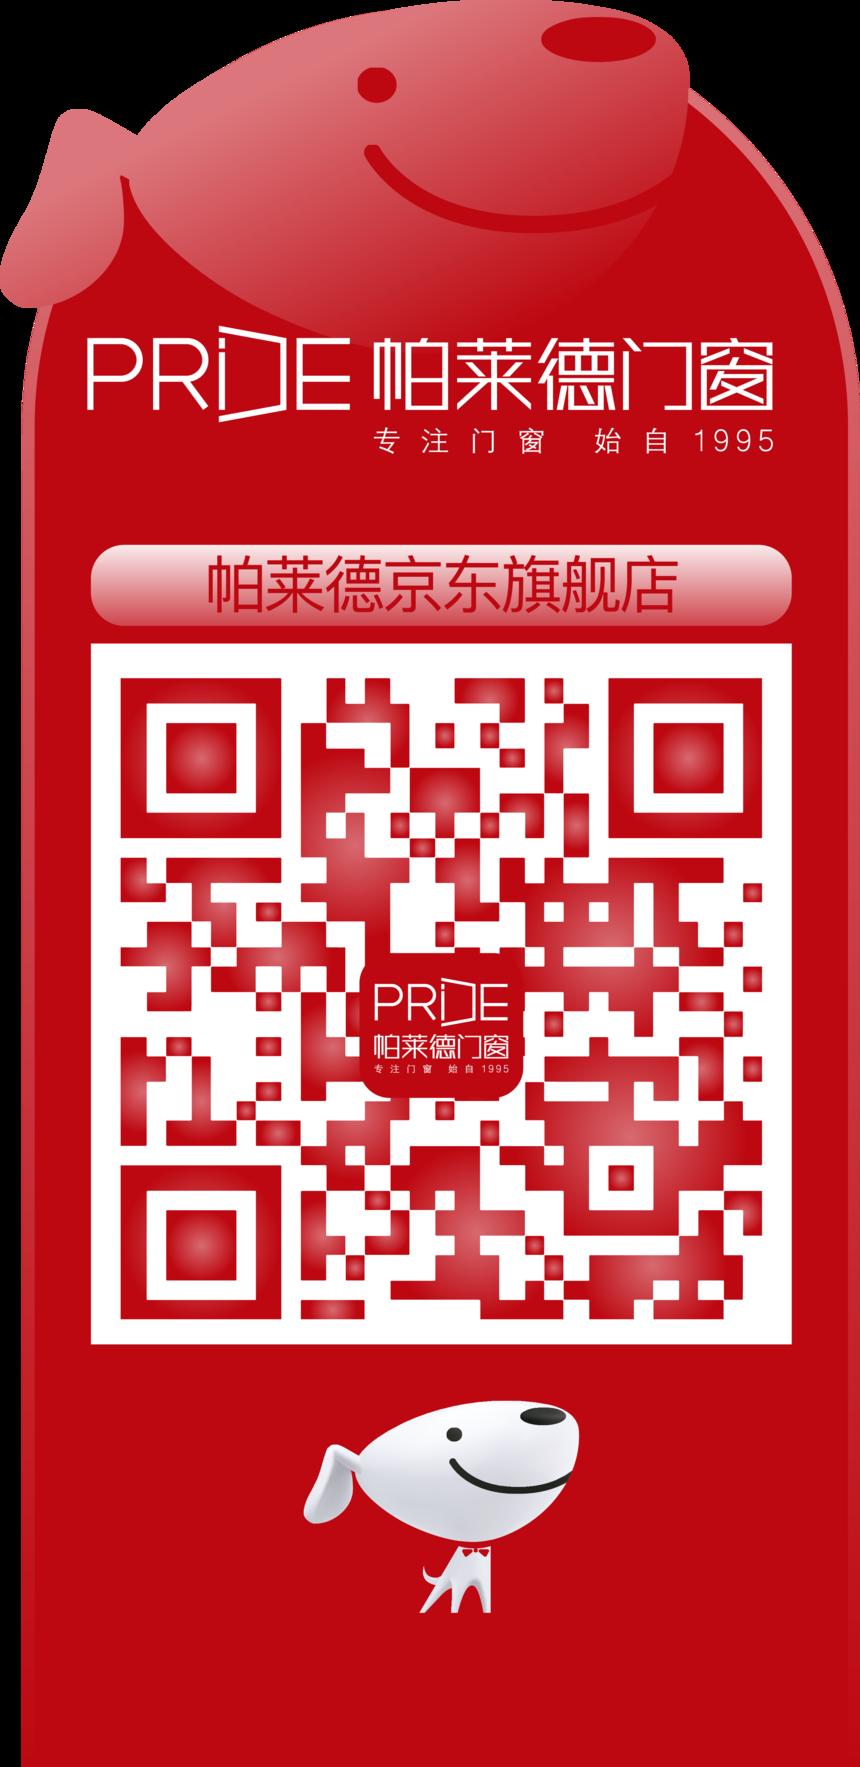 天猫京东二维码-02.png